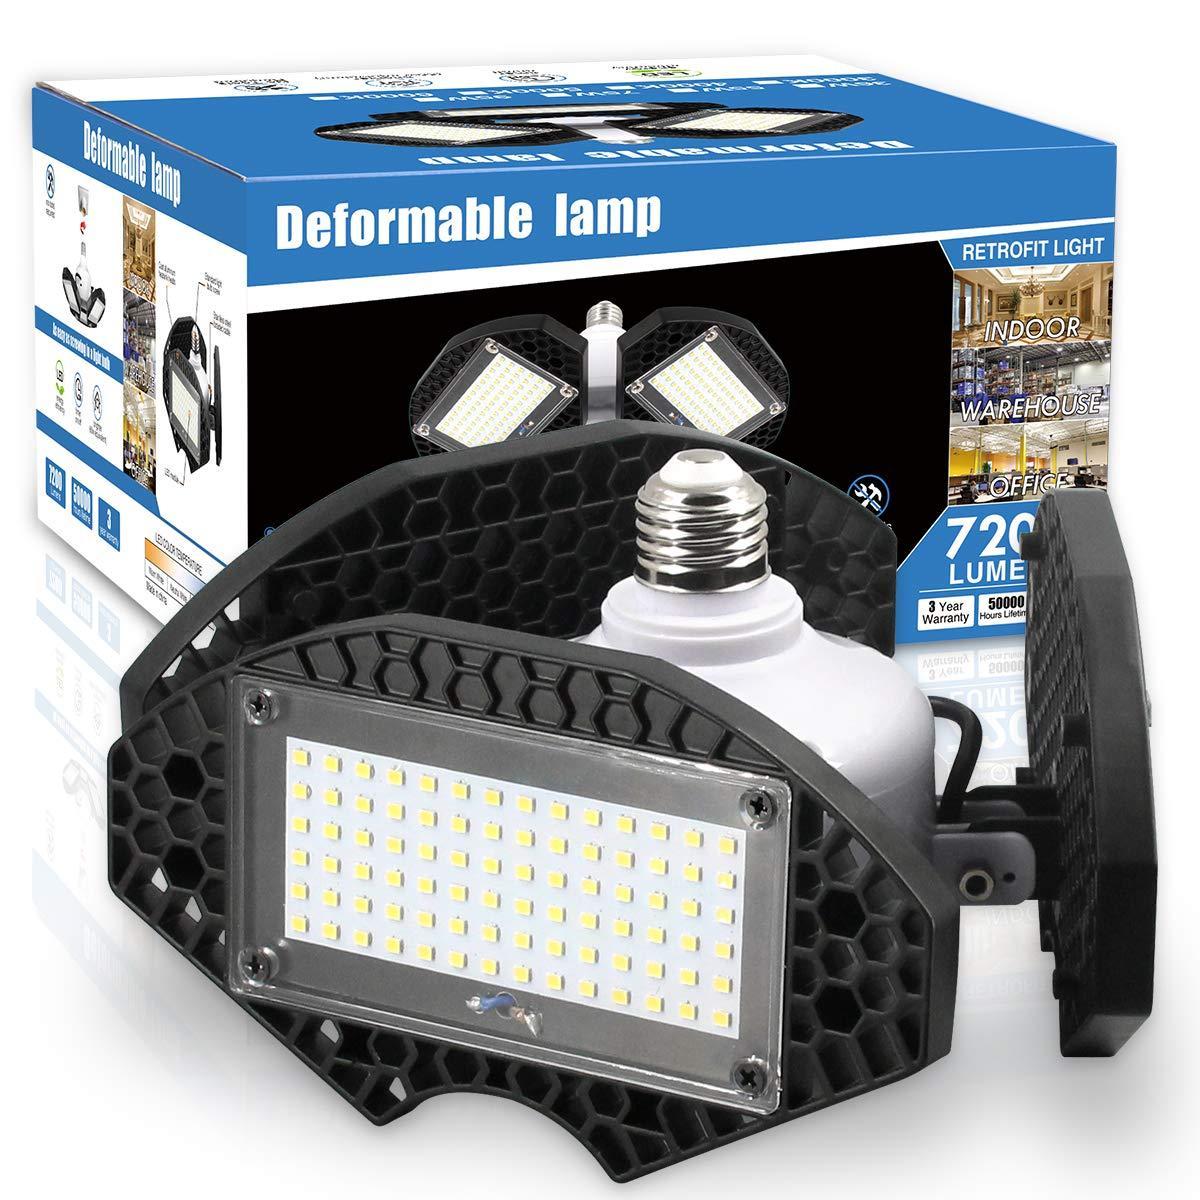 LED Garage Lights, Deformable LED Garage Ceiling Lights